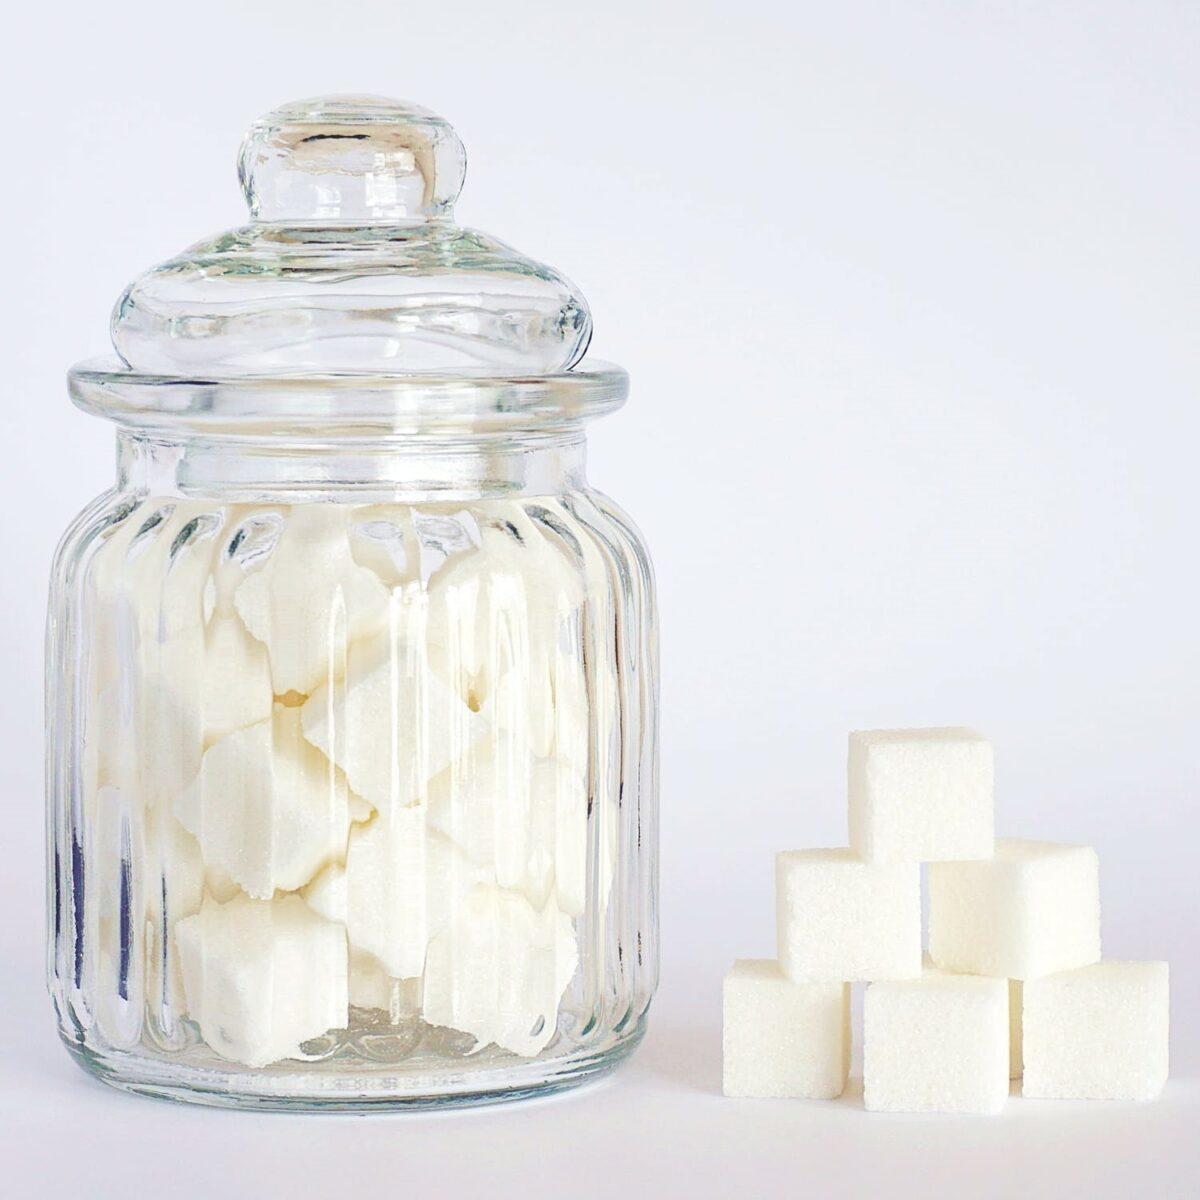 Süßstoffe: Eine Alternative zu Haushaltszucker. Wie unbedenklich sind sie?